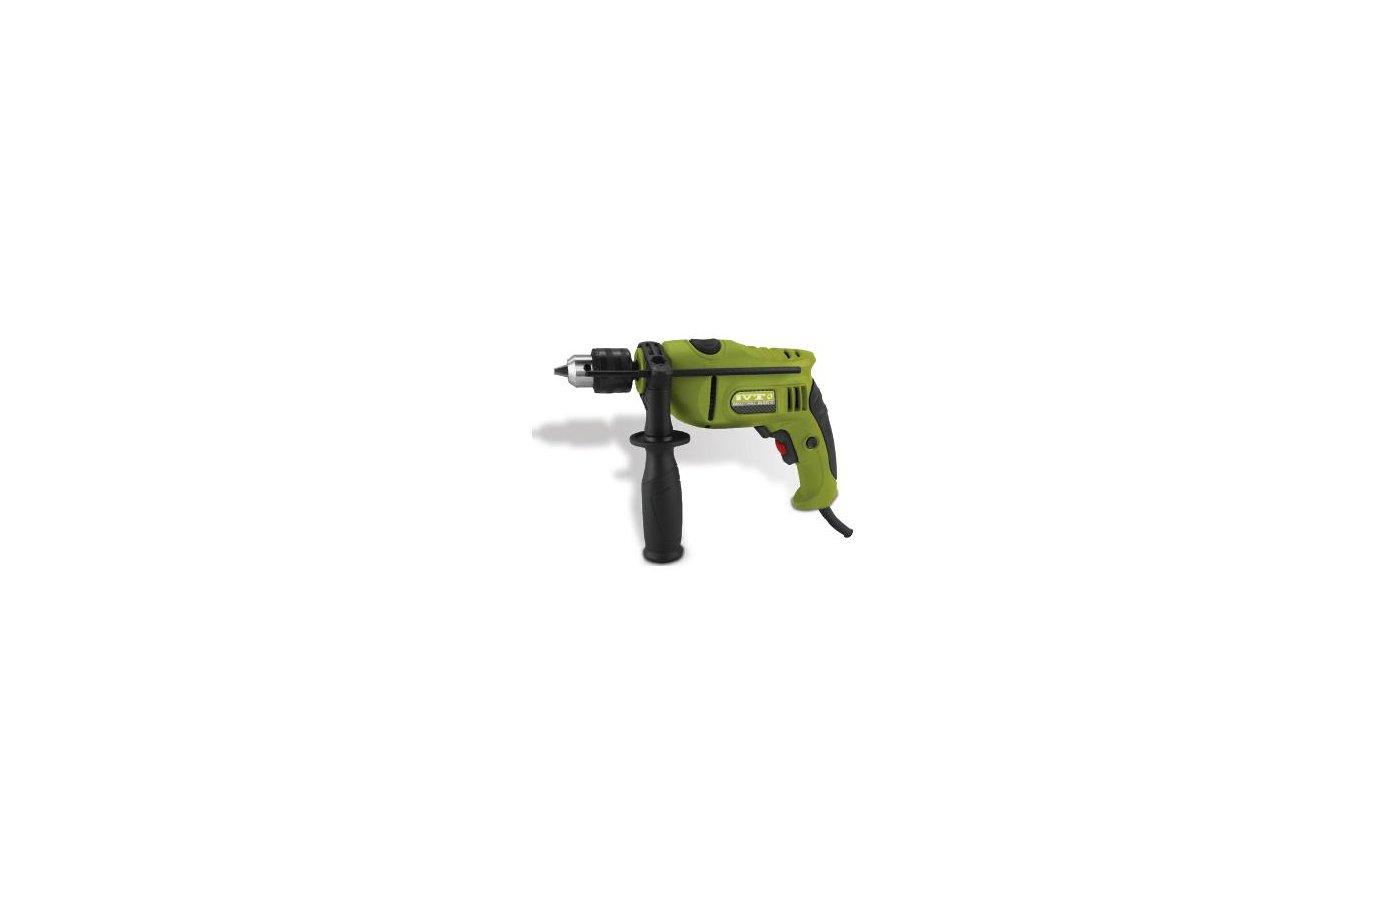 Ударная дрель IVT ID-550G